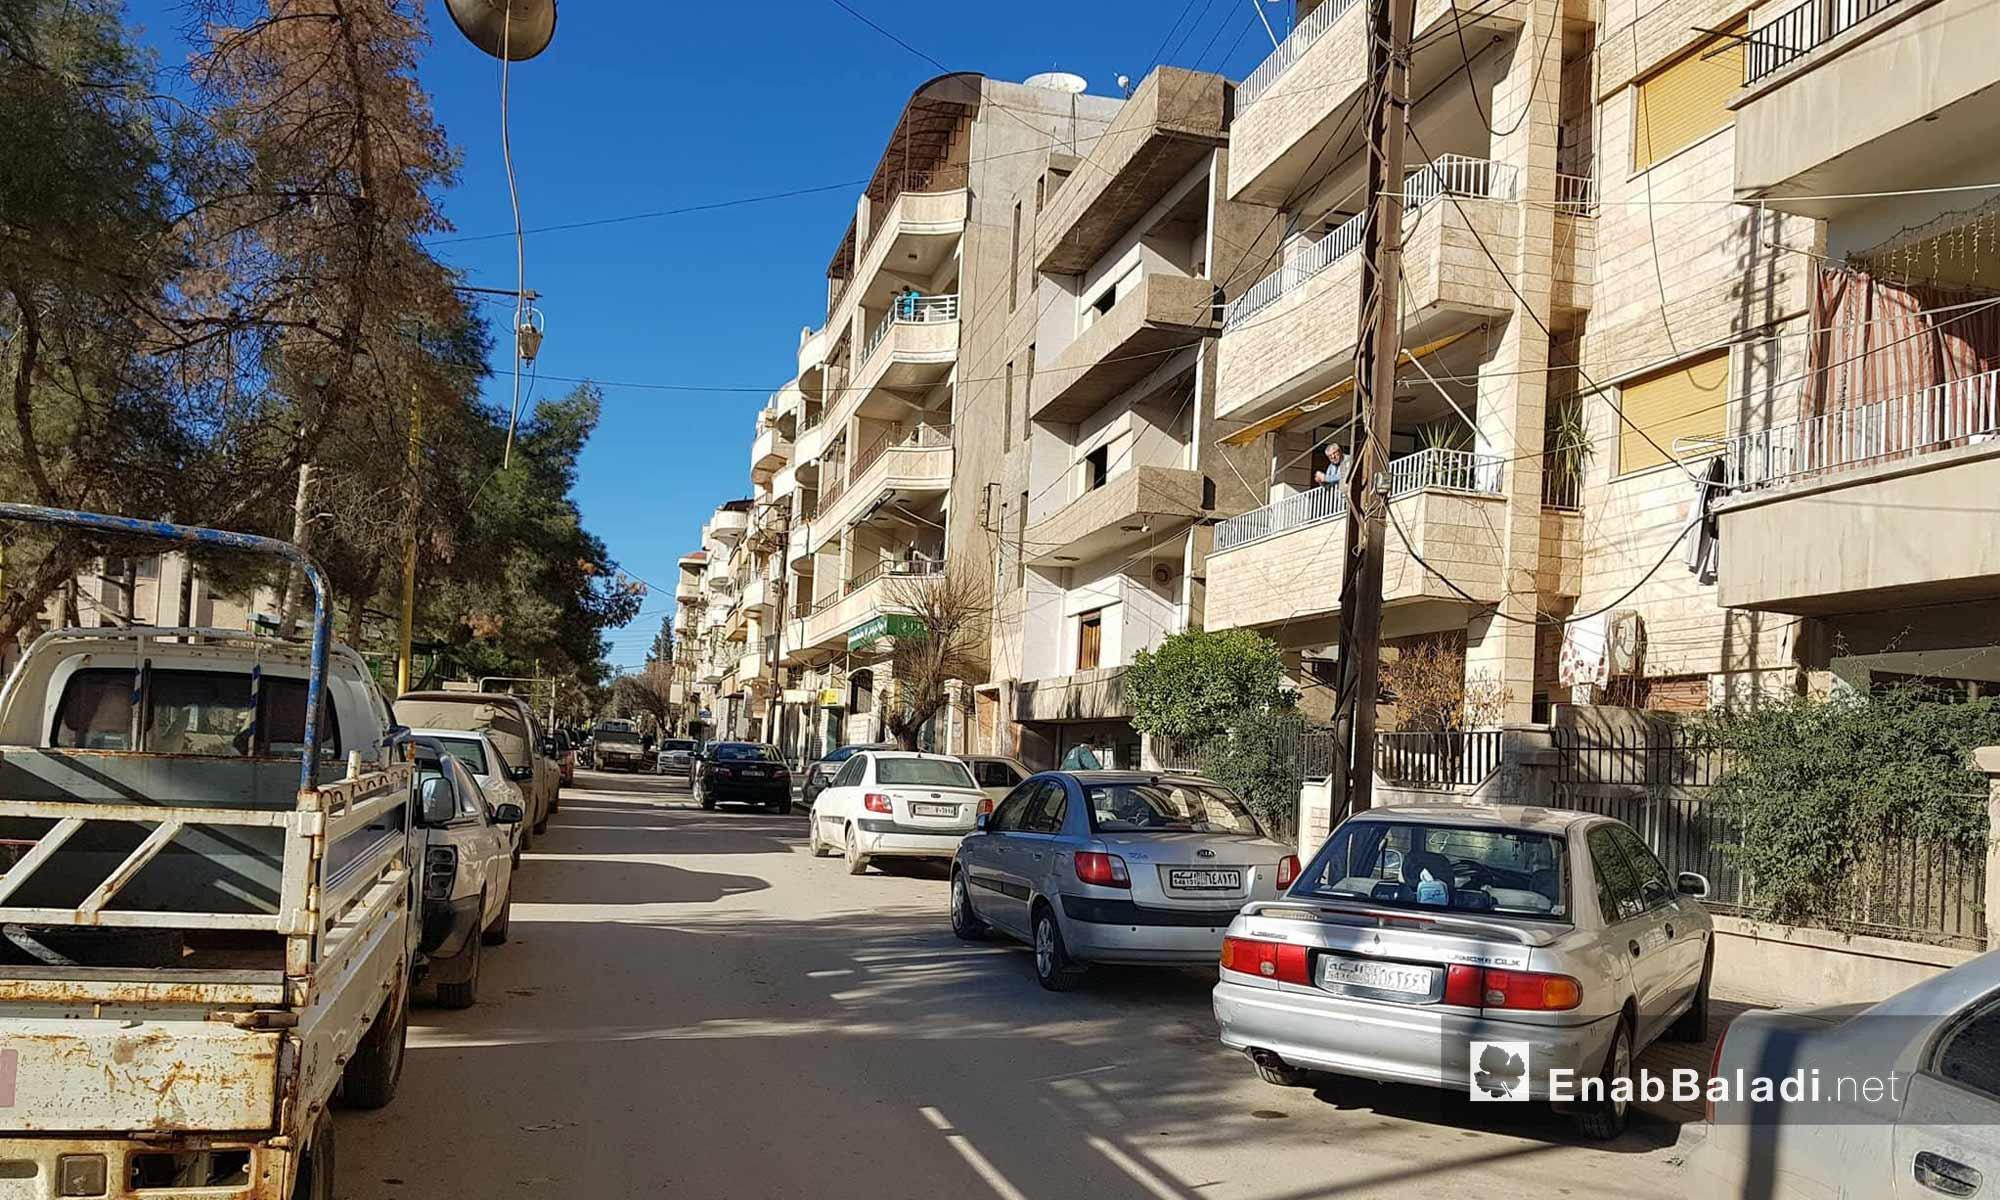 أحياء مدينة القامشلي كبرى مناطق محافظة الحسكة شمال سوريا - 30 كانون الثاني 2018 (عنب بلدي)